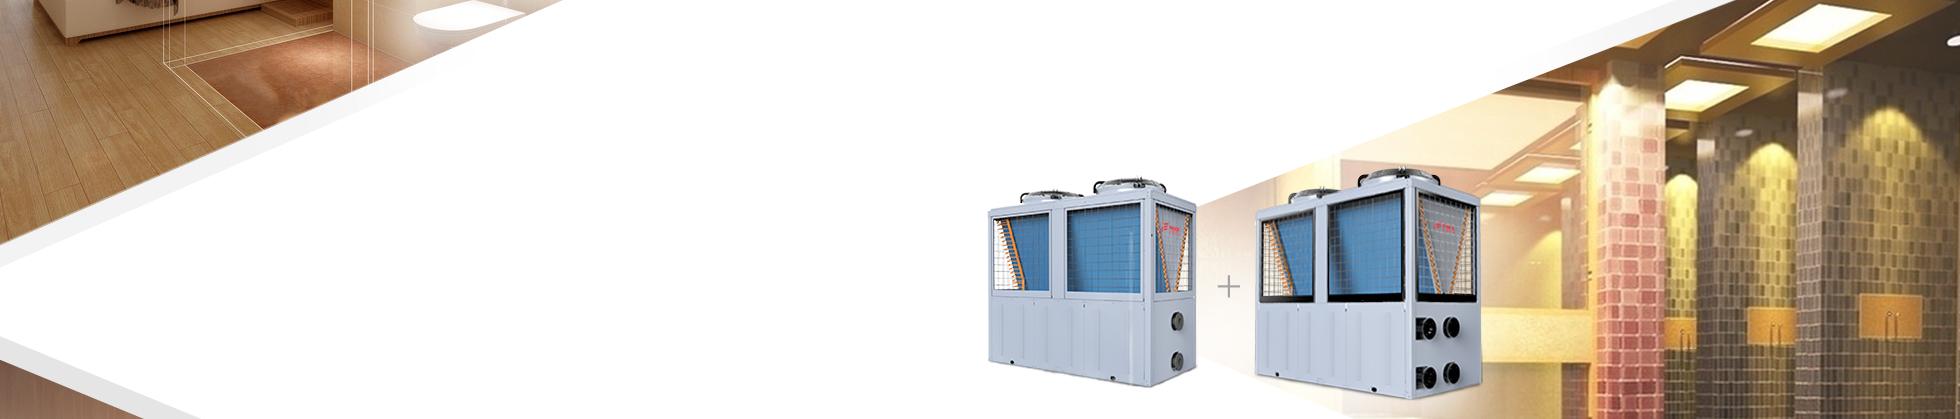 热水设备:北极星超低温空气能热水器在北方寒冷区域中央热水等配置